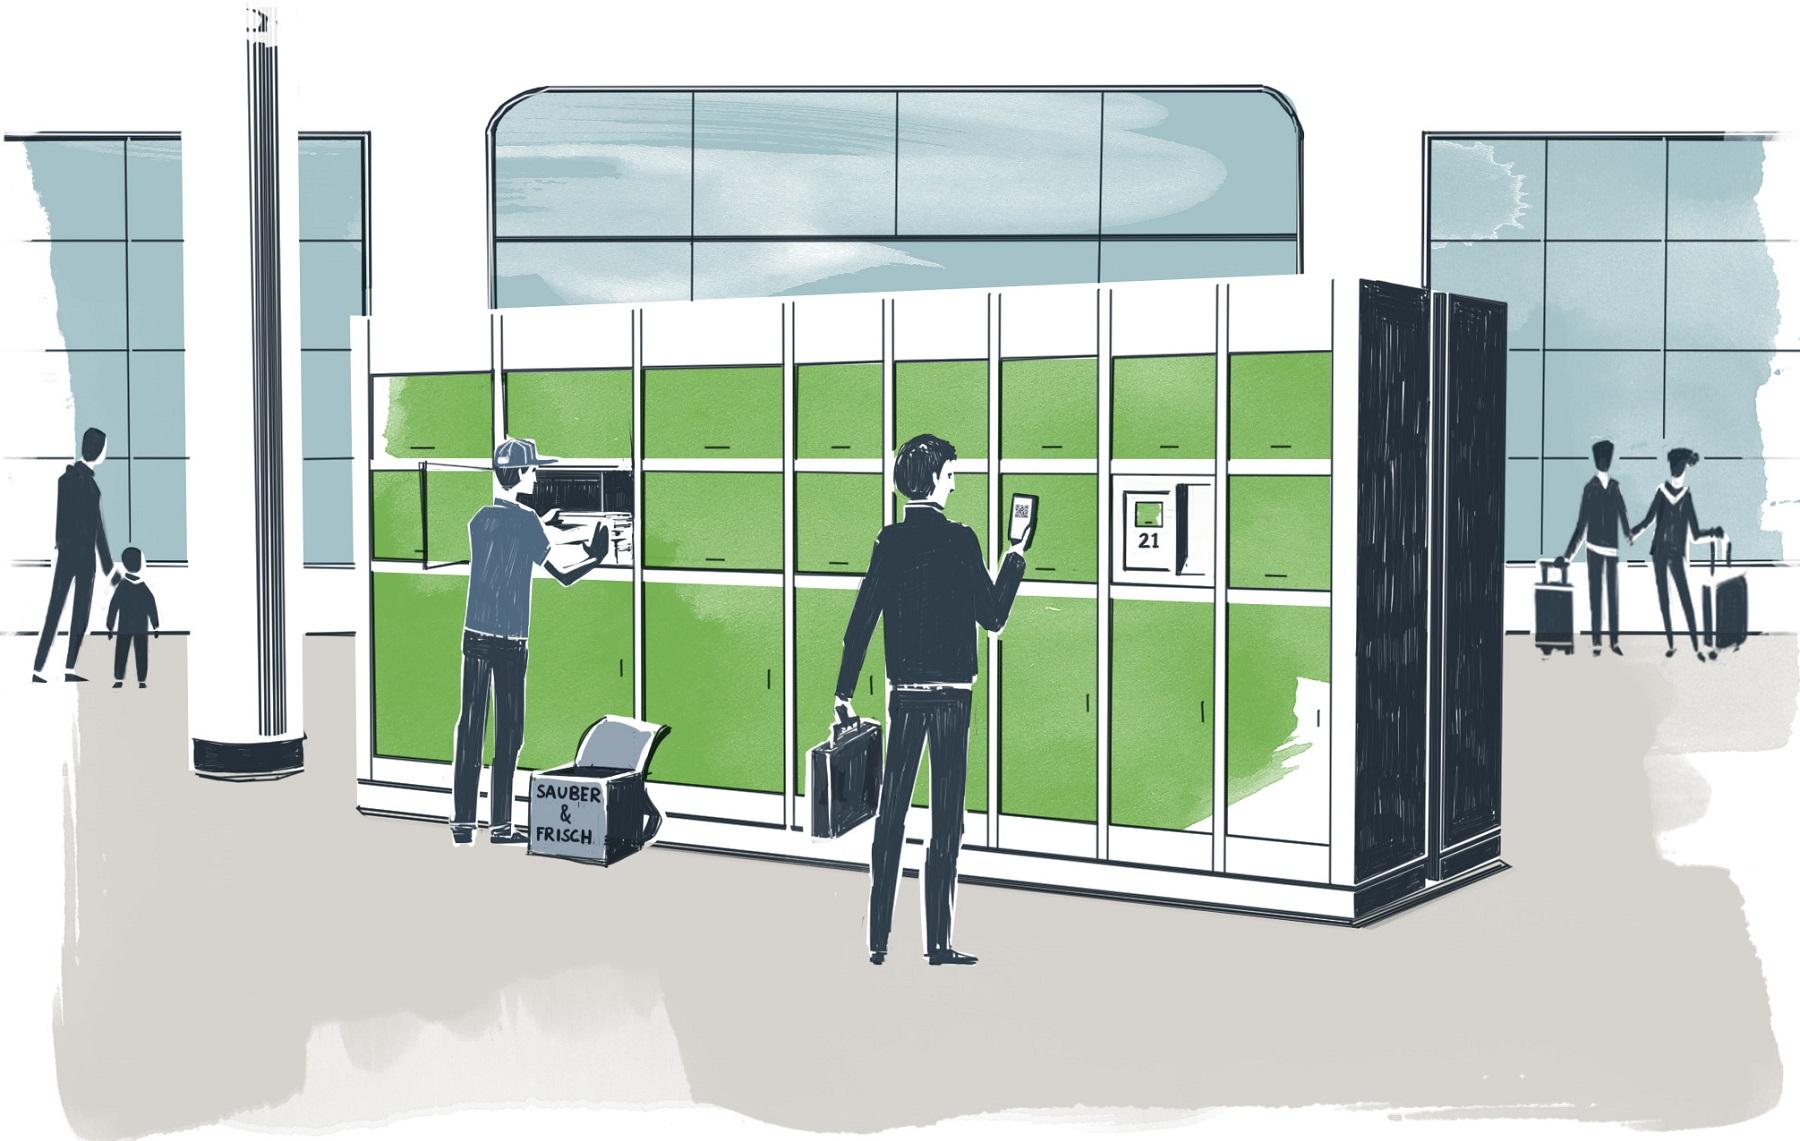 Intelligente Schließfächer am Bahnhof lassen sich per App öffnen